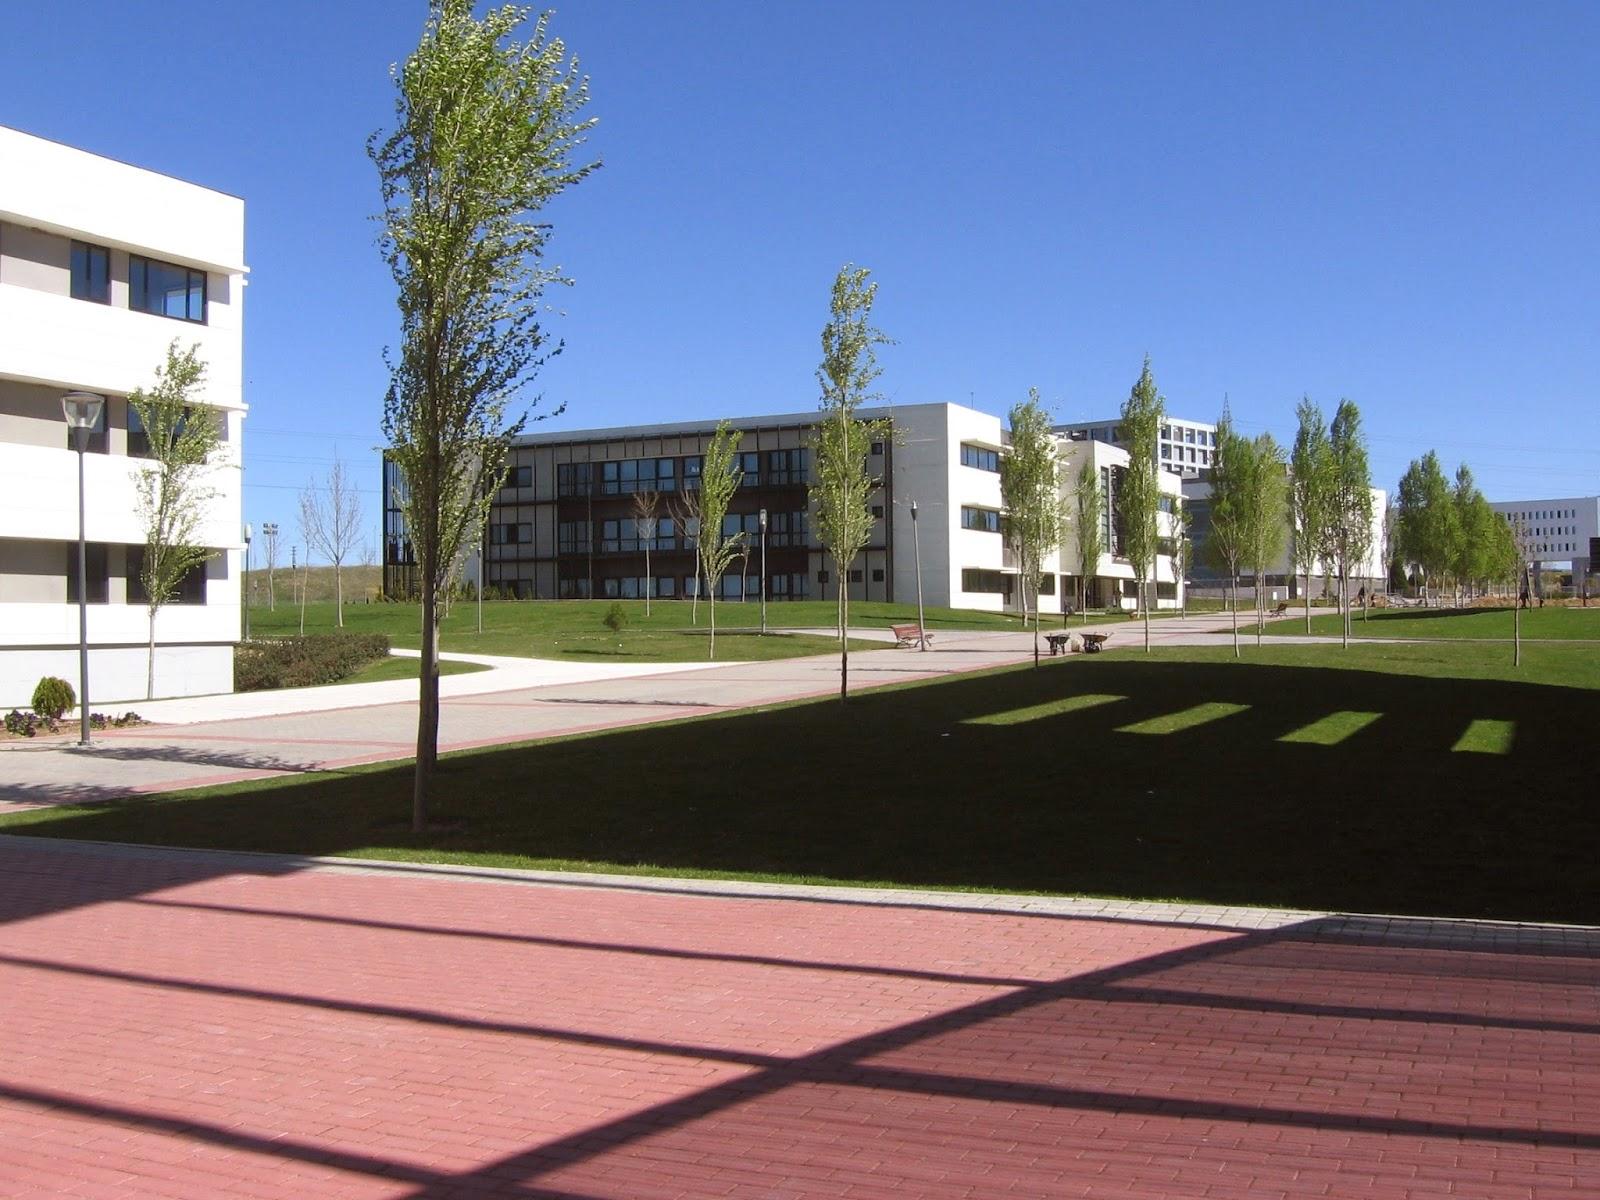 Campus infantiles